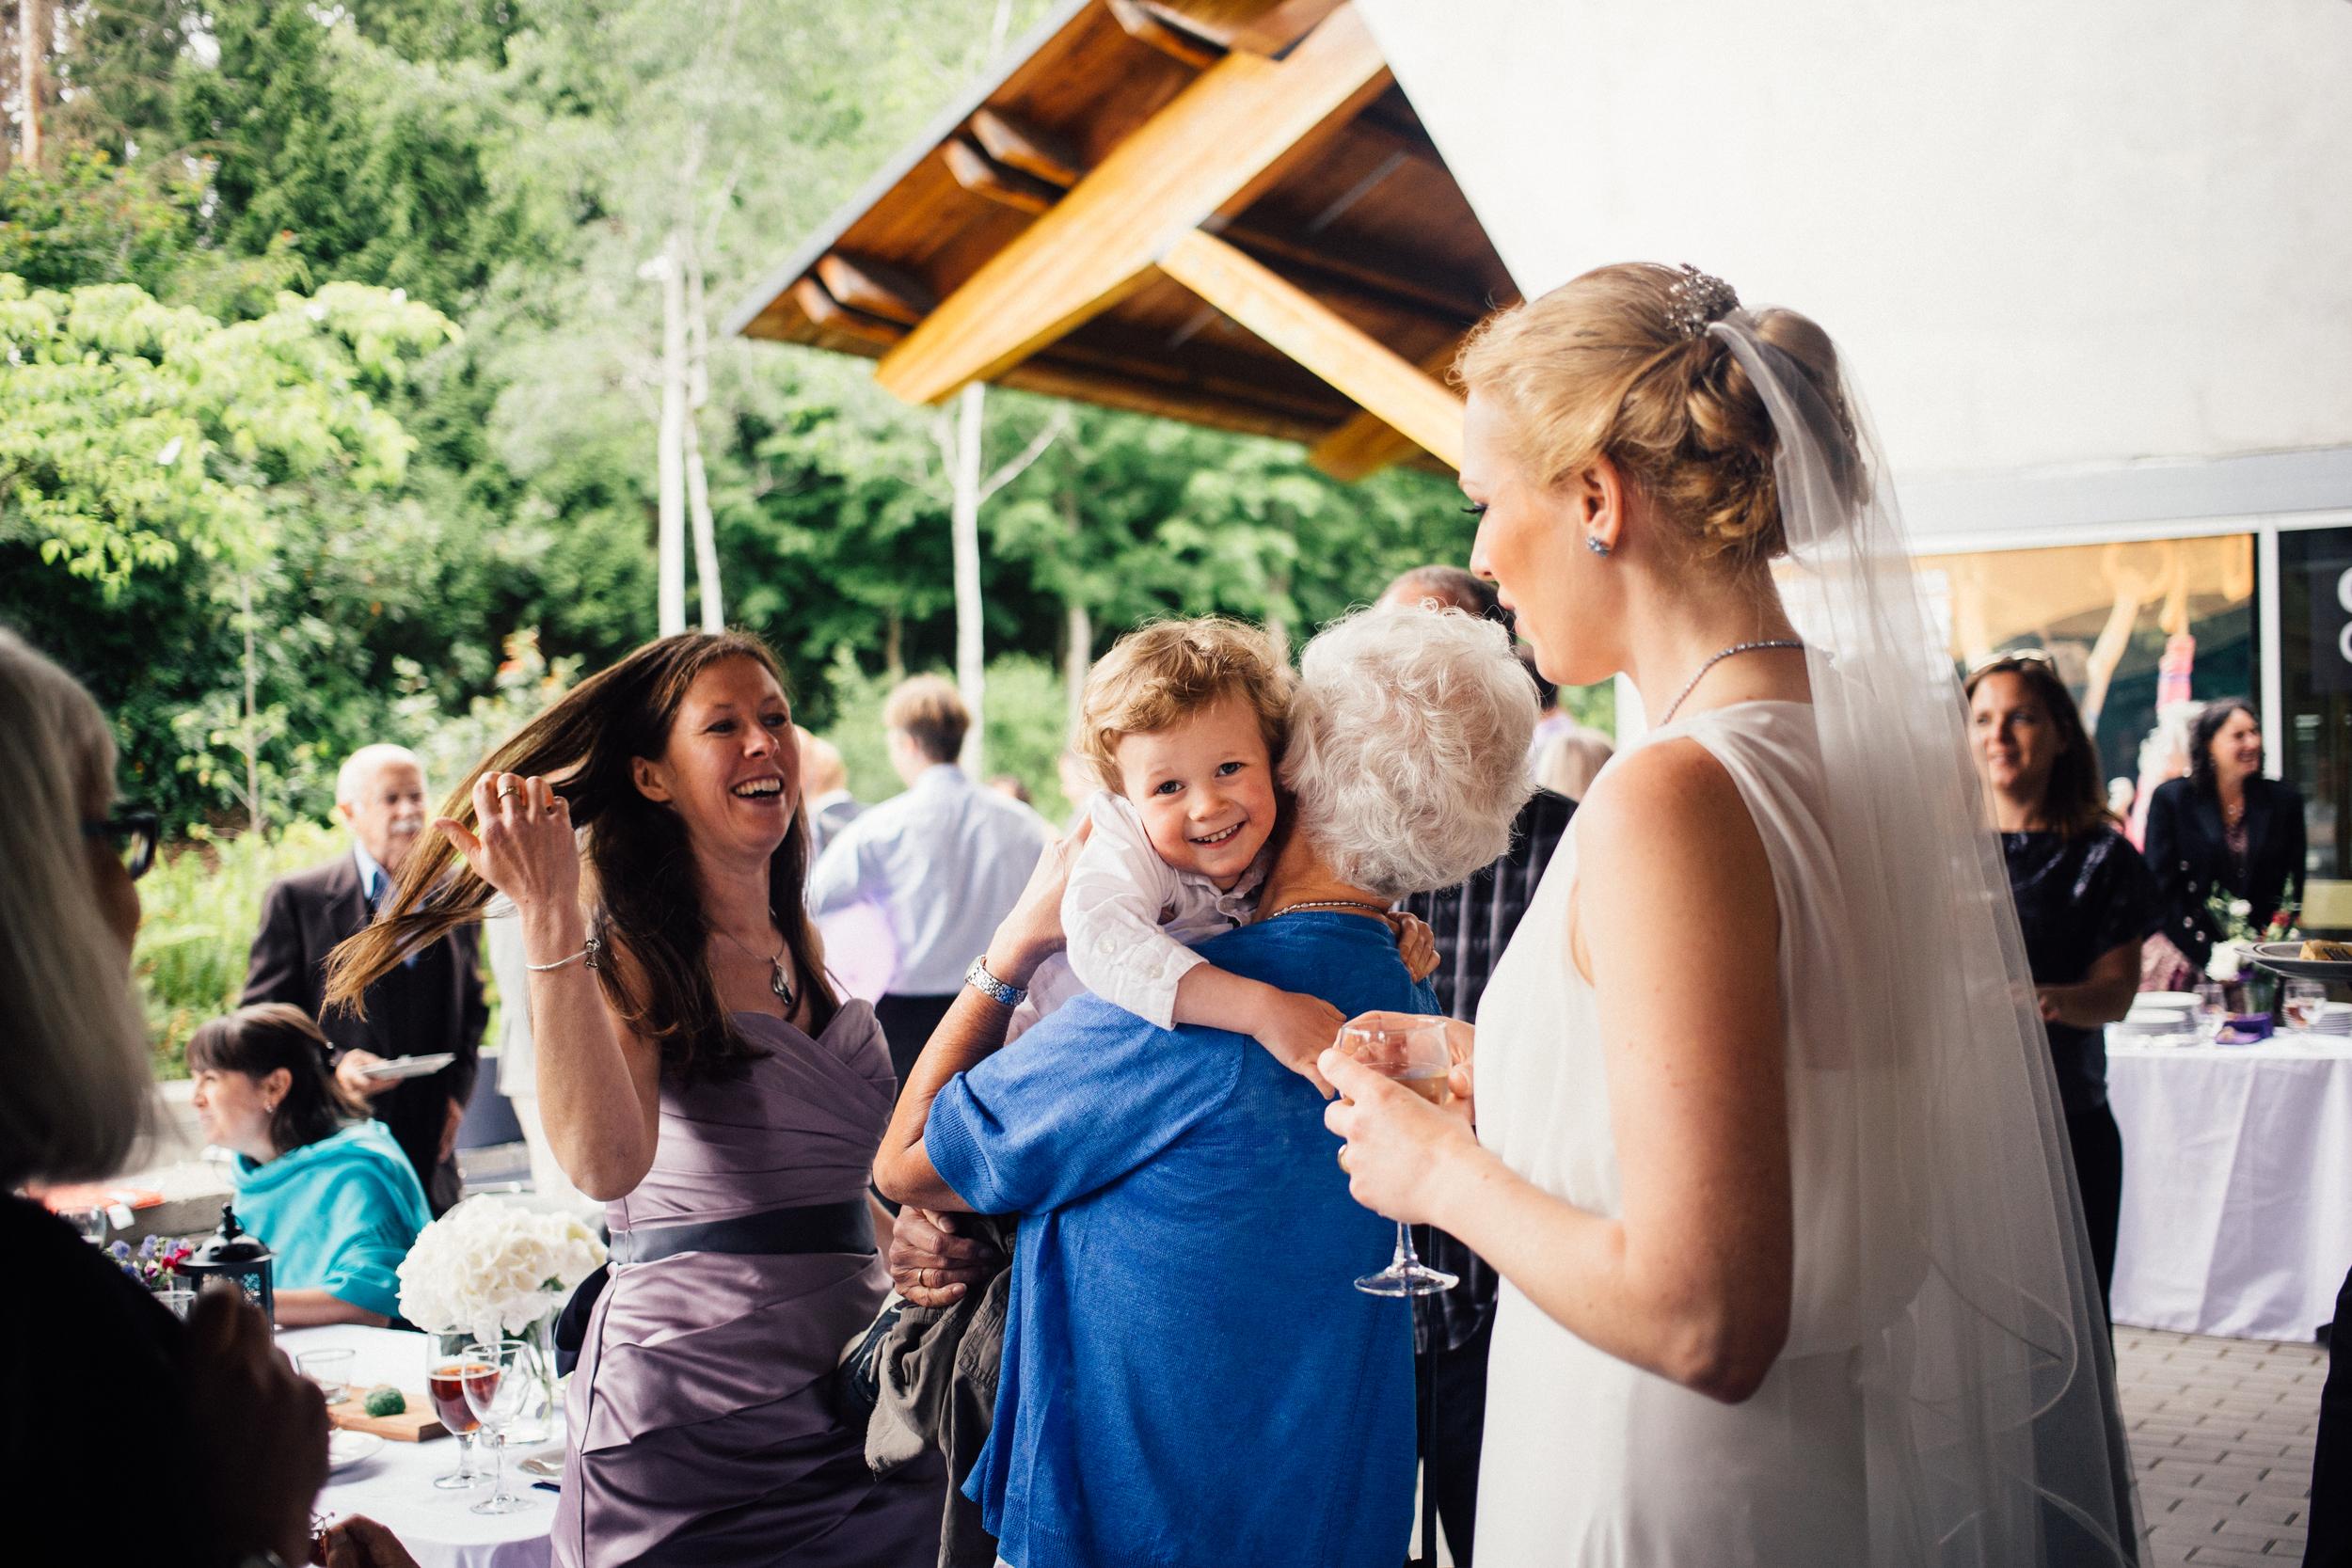 dogwoodphotography_photographer_vancouver_wedding_kimberley (138 of 180).jpg